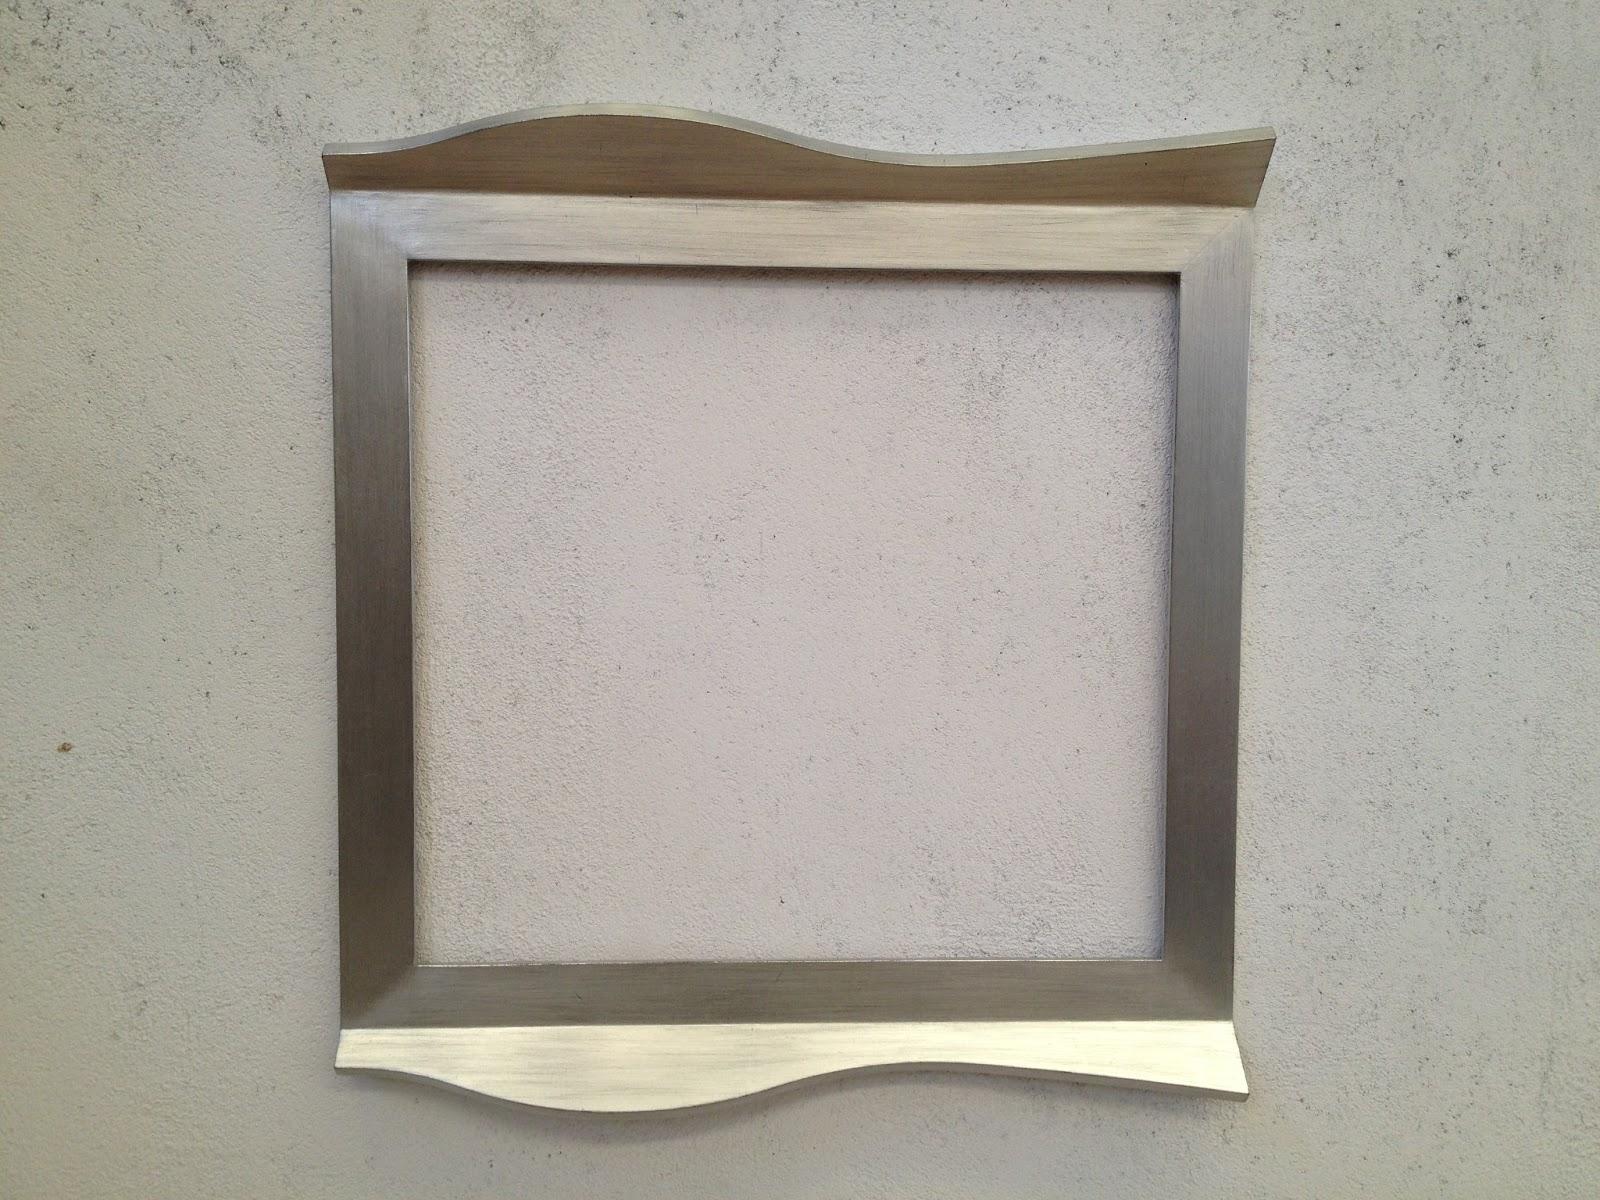 Kino marcos molduras marcos para cuadros enmarcacion - Cuadros a medida ...